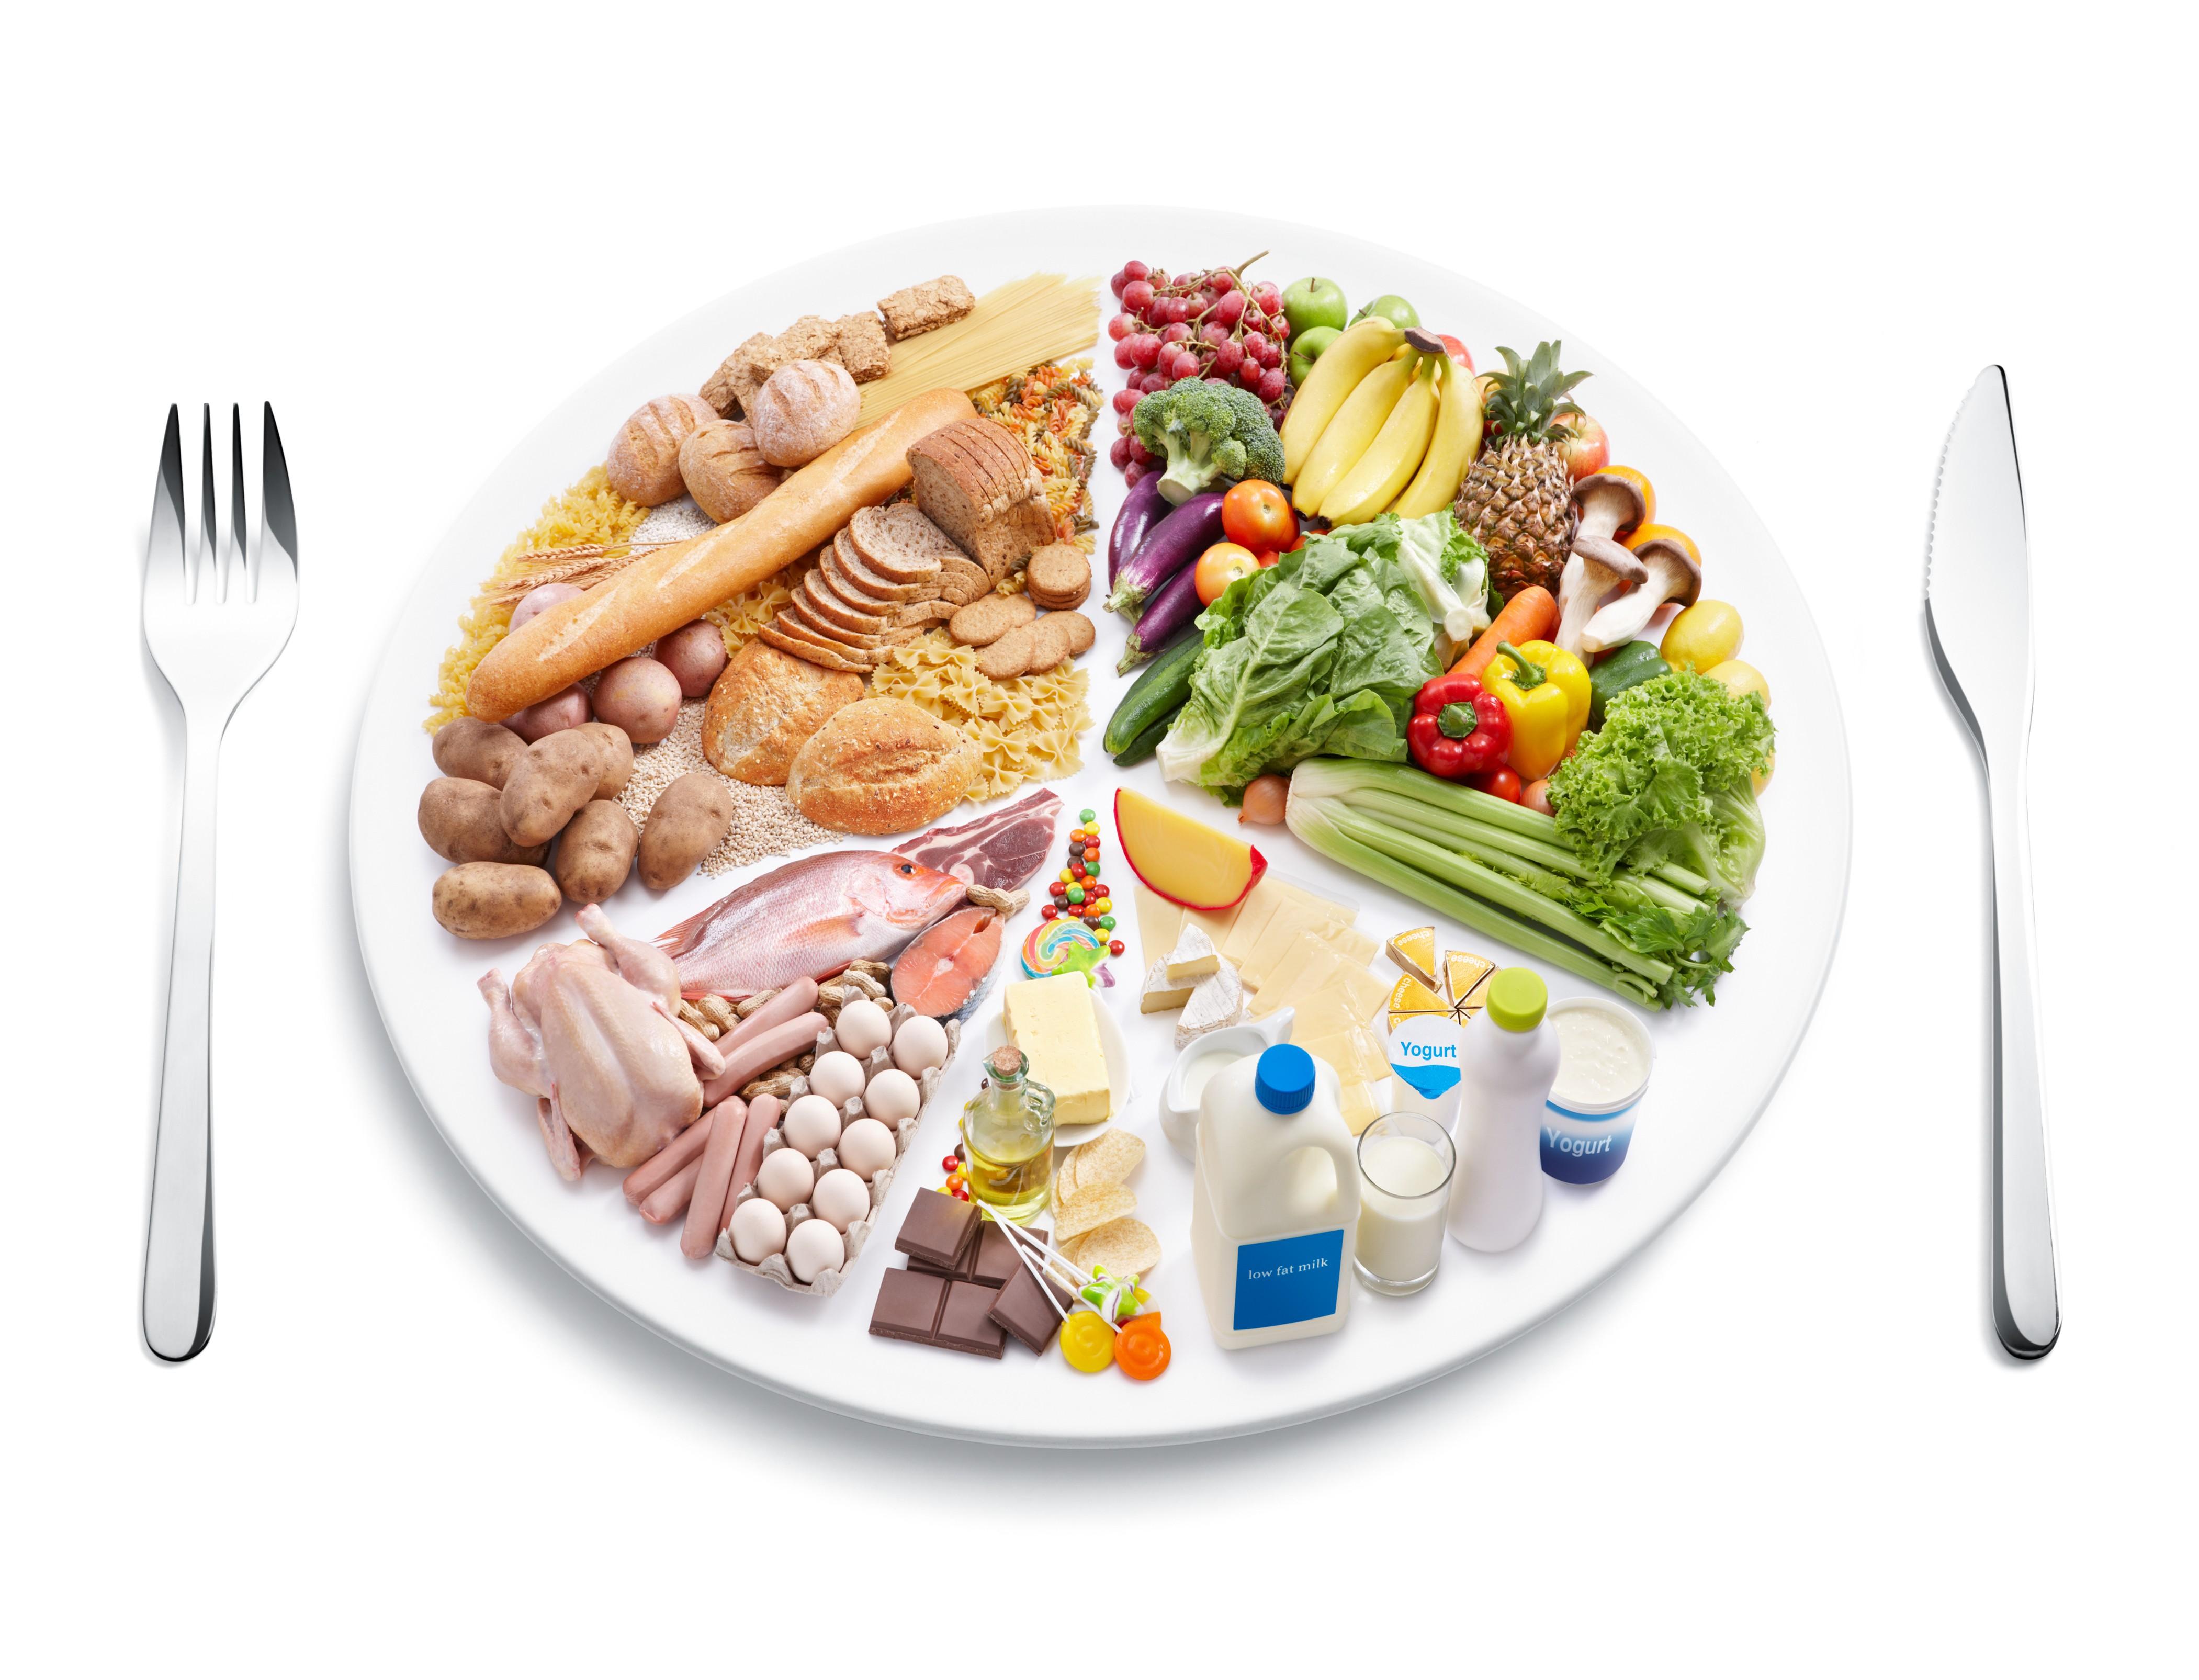 zdrava strava - potravinová pyramída, tanier